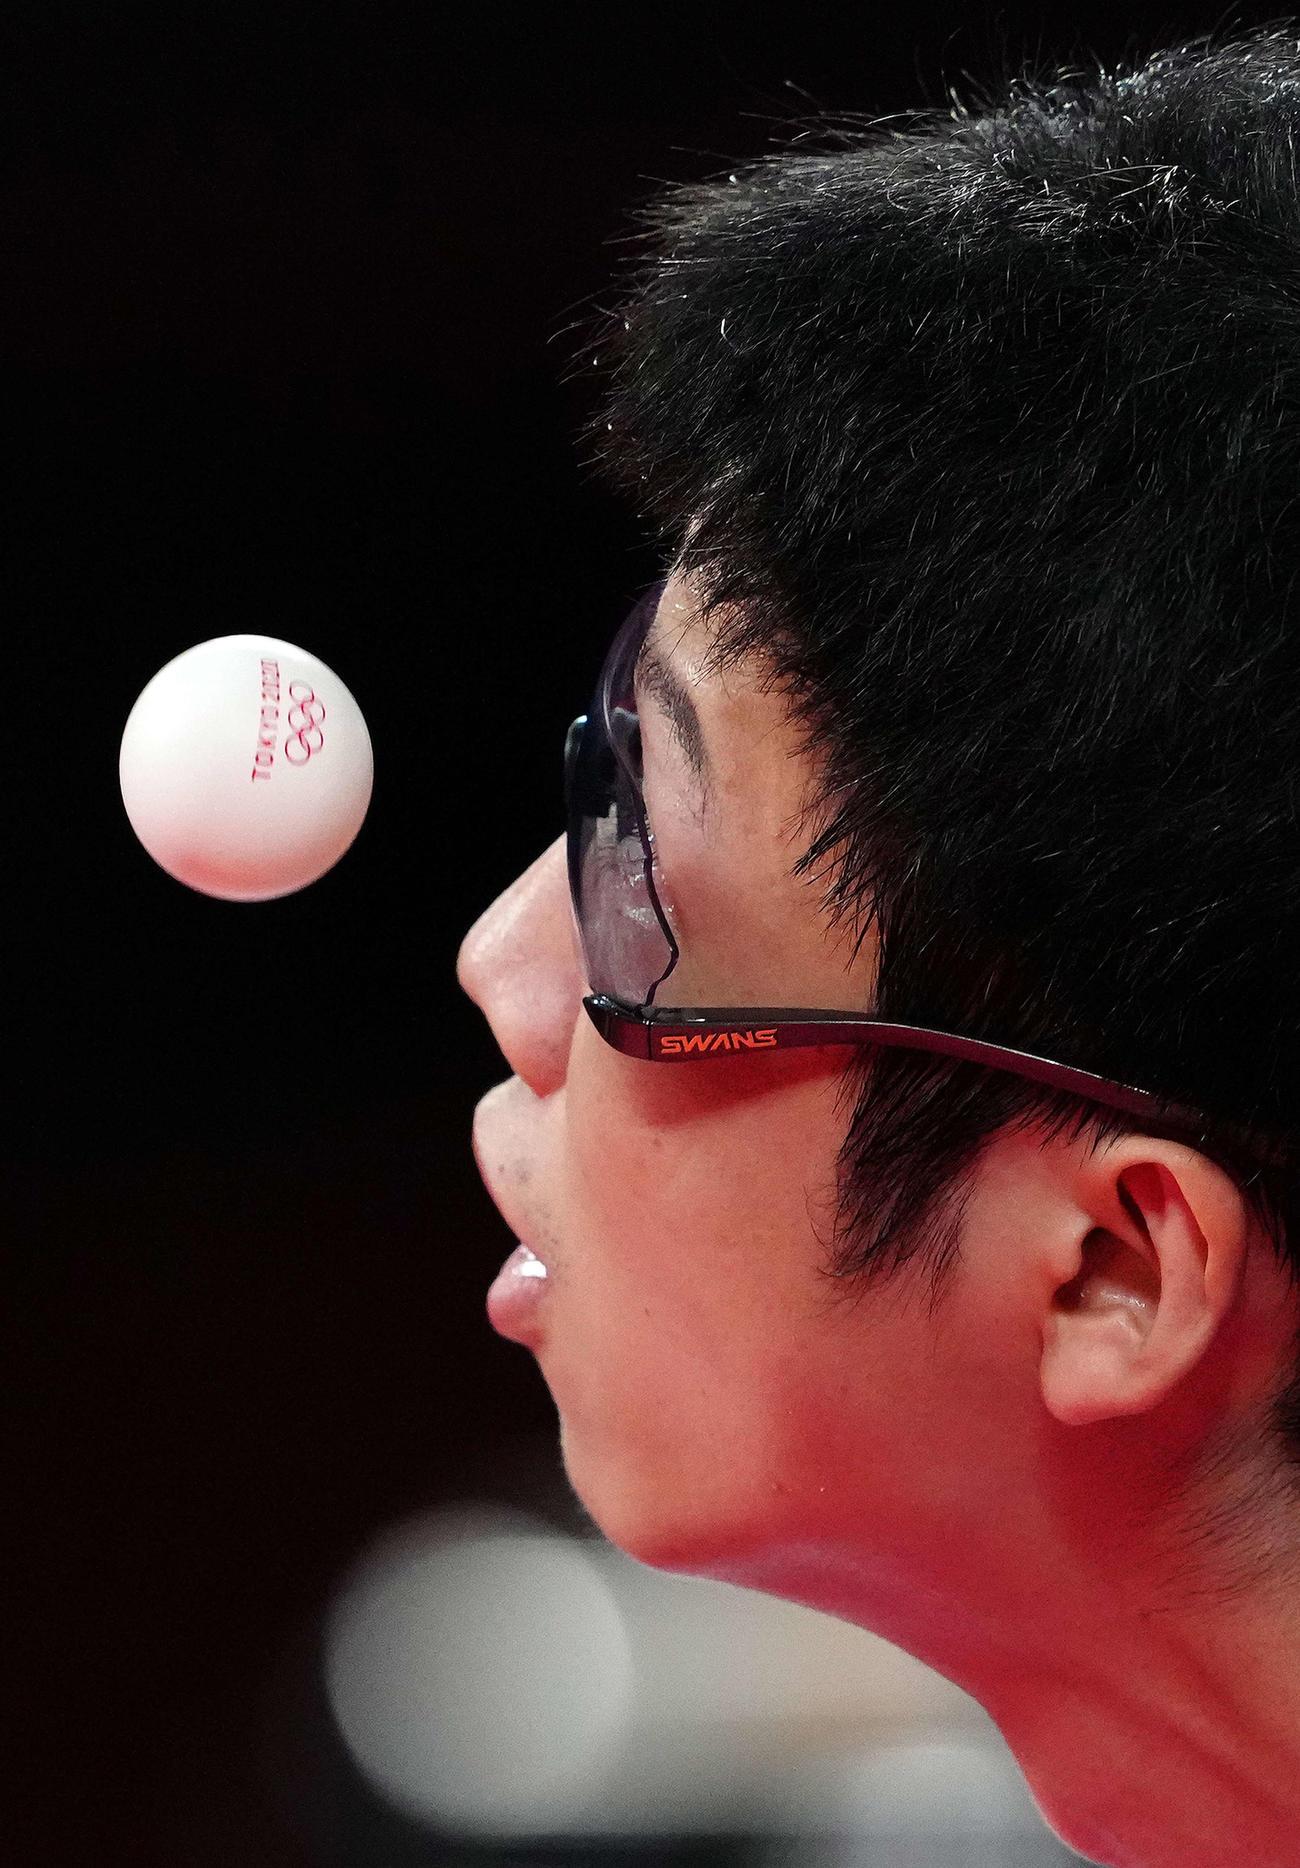 東京五輪 卓球男子団体3位決定戦、サーブでボールを見つめる水谷(2021年8月6日撮影)